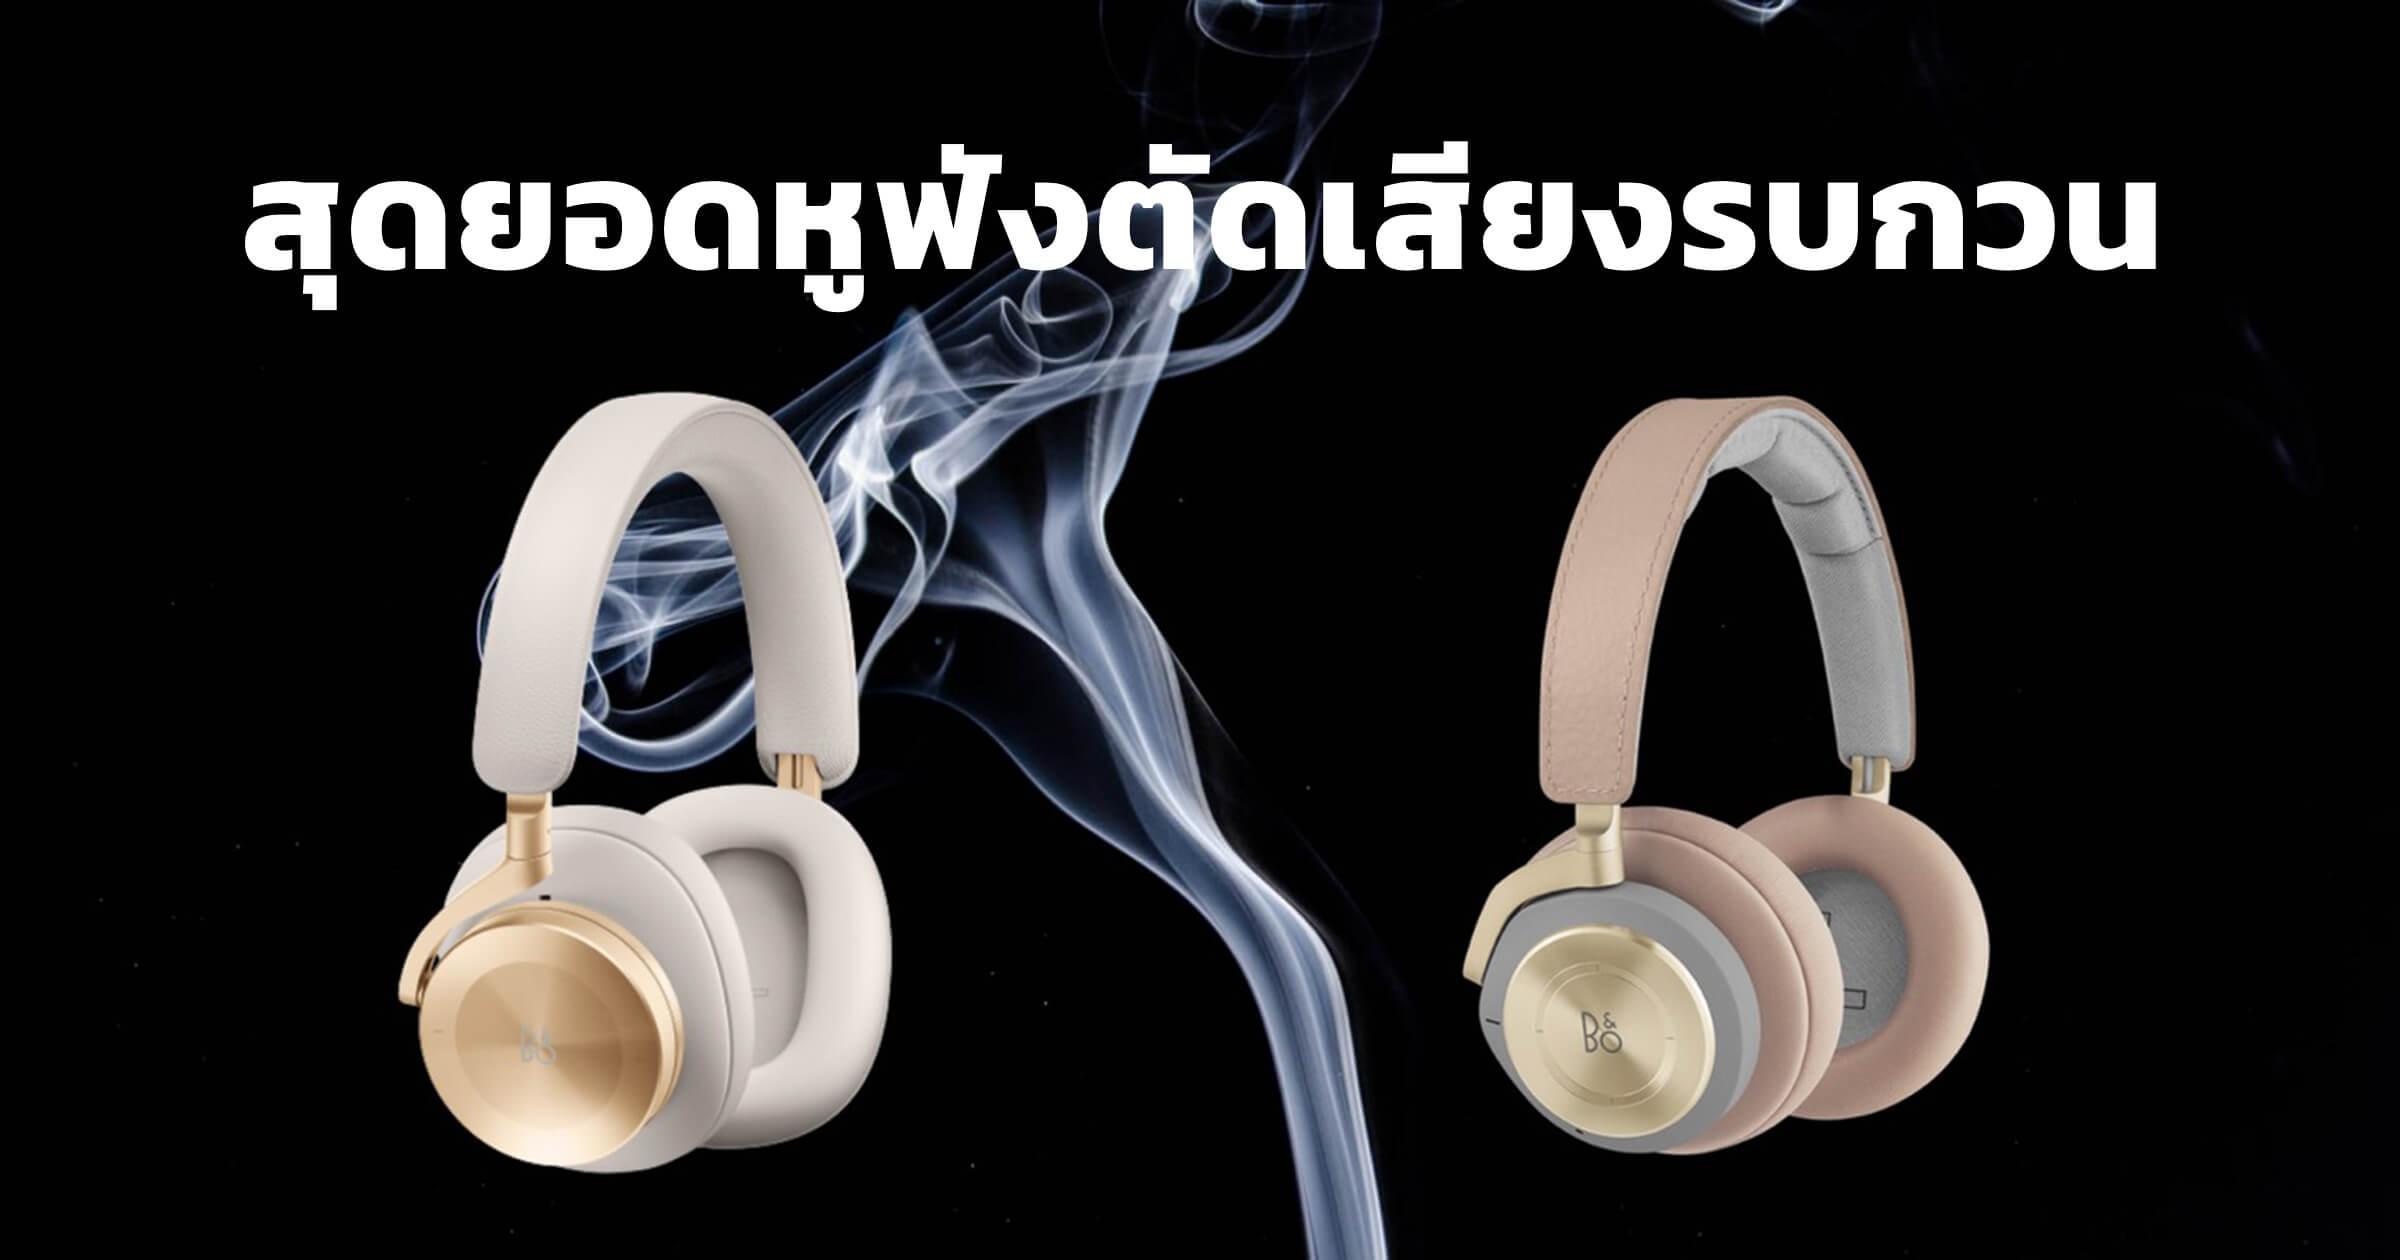 B&O BeoPlay H95 & BeoPlay H9 3rd Gen หูฟัง